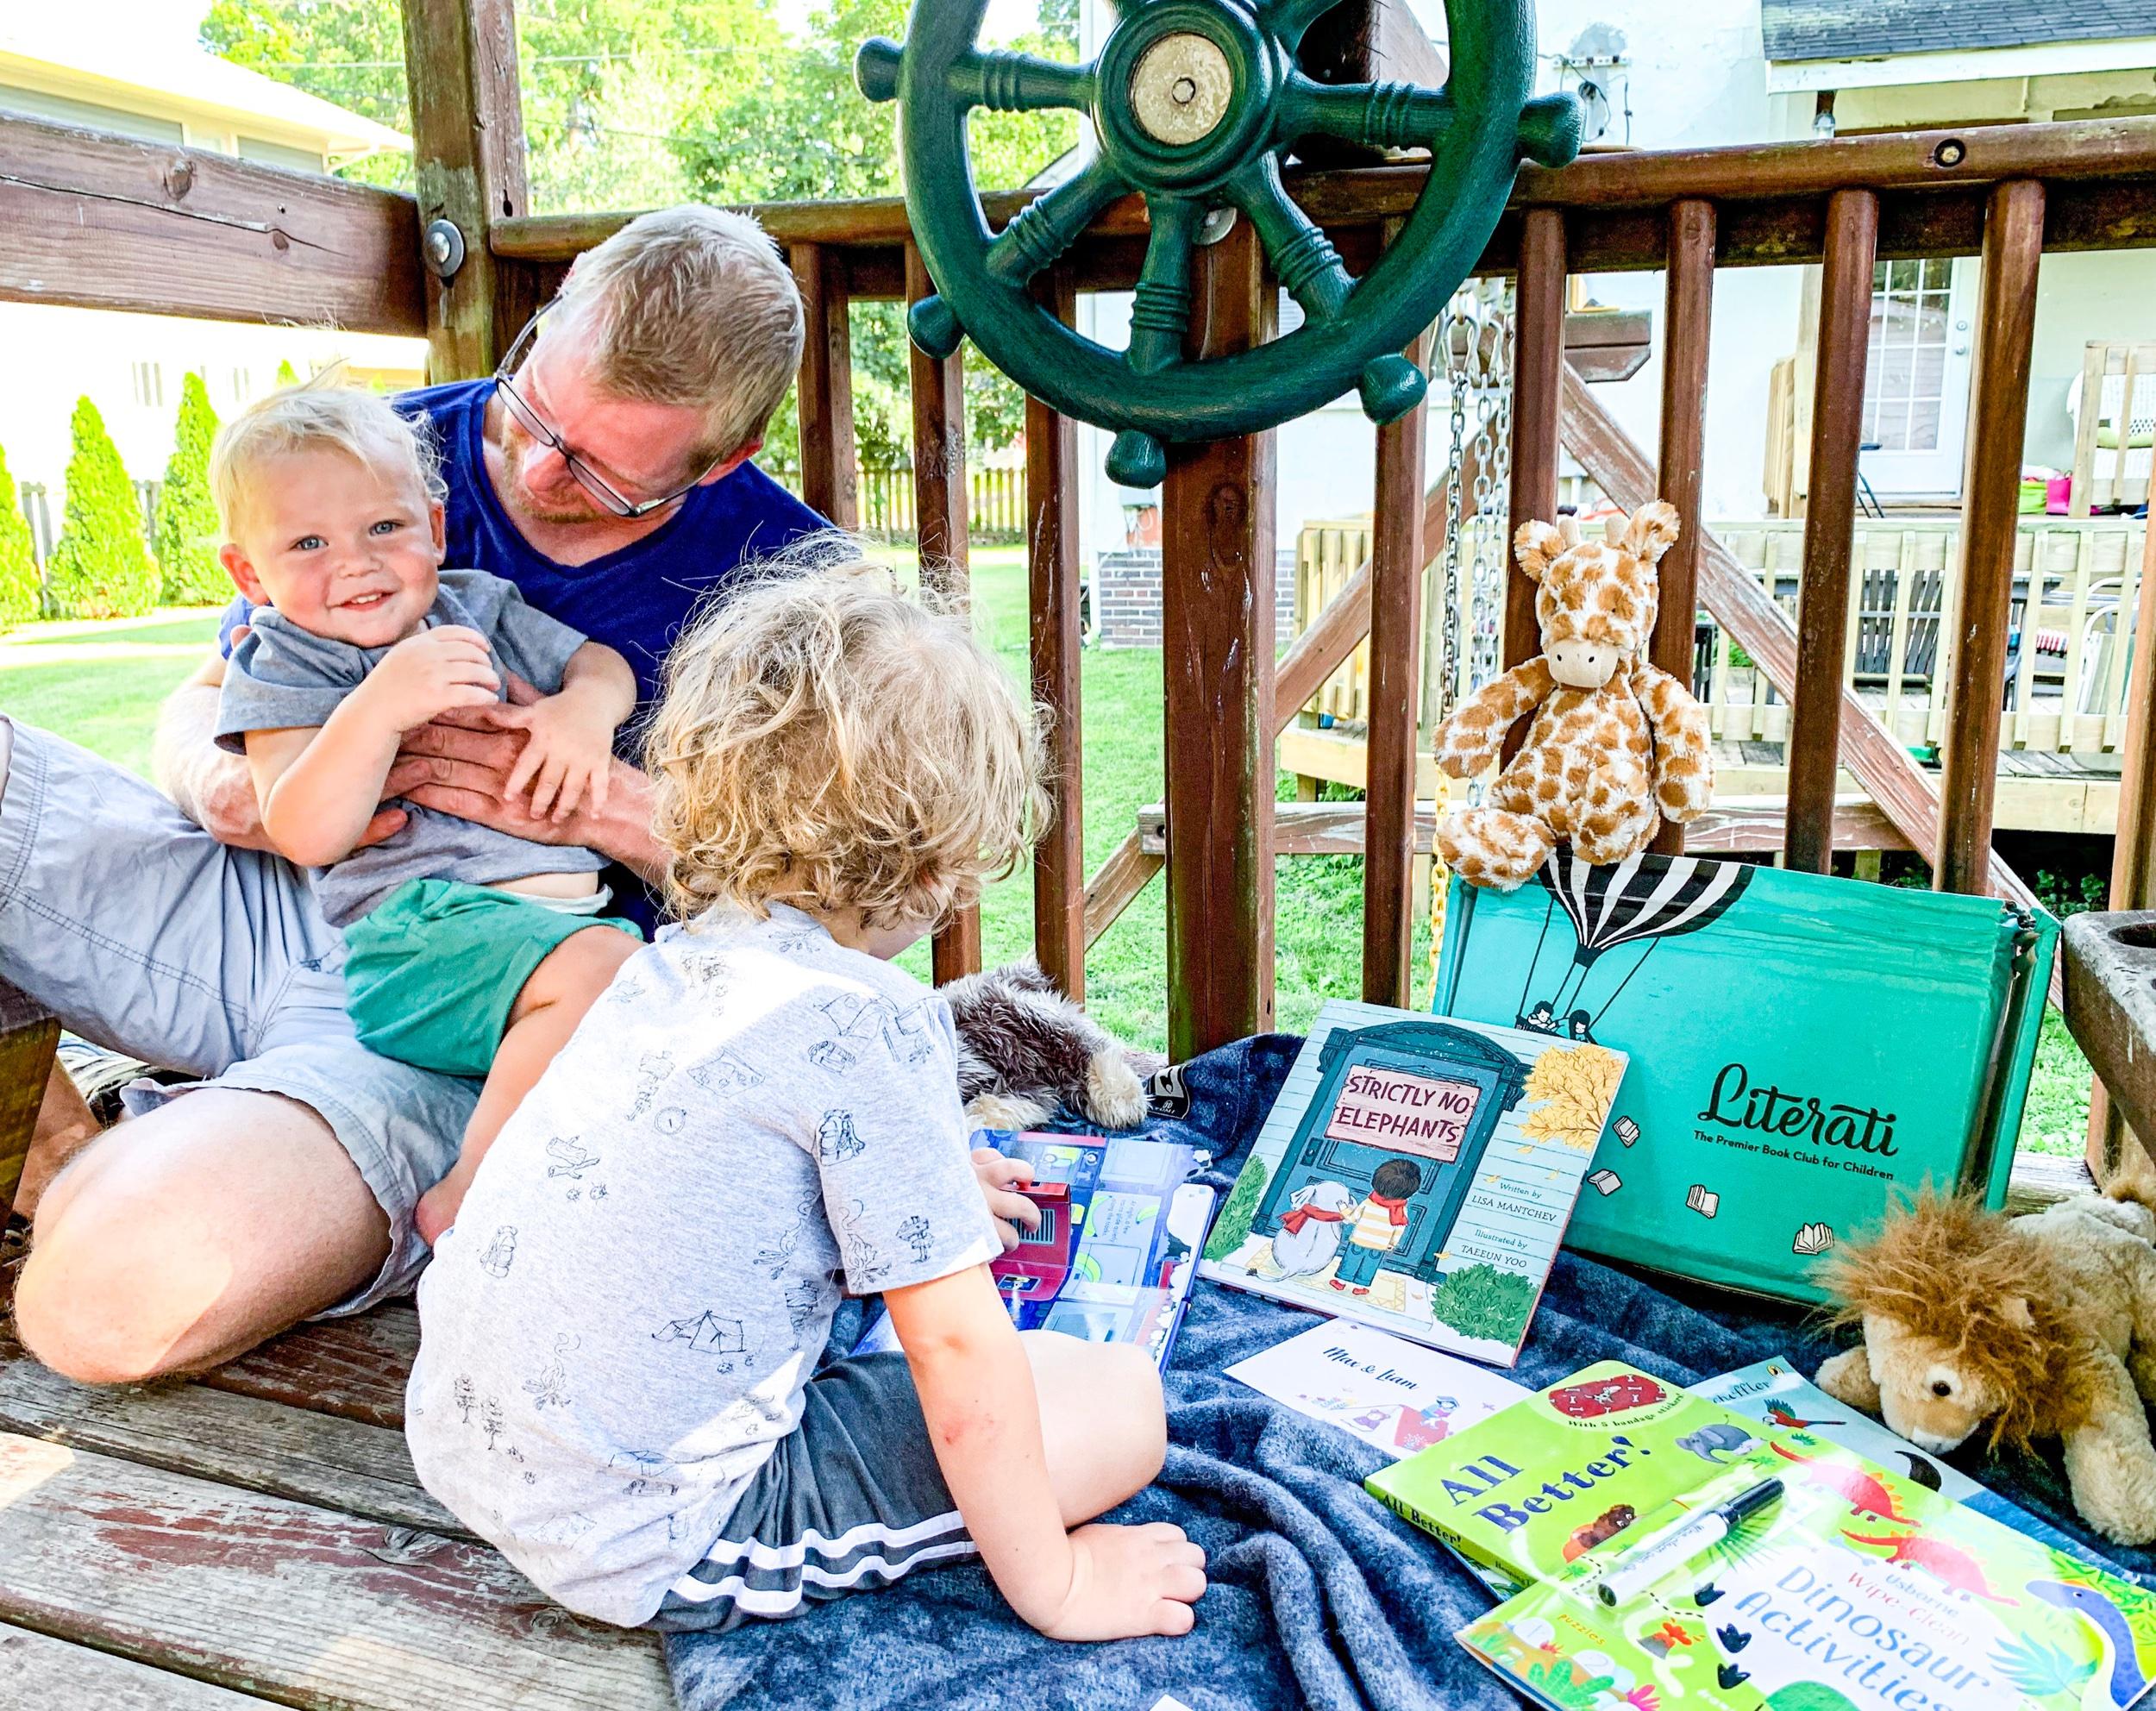 Chris, Max, & Liam exploring our Literati Box